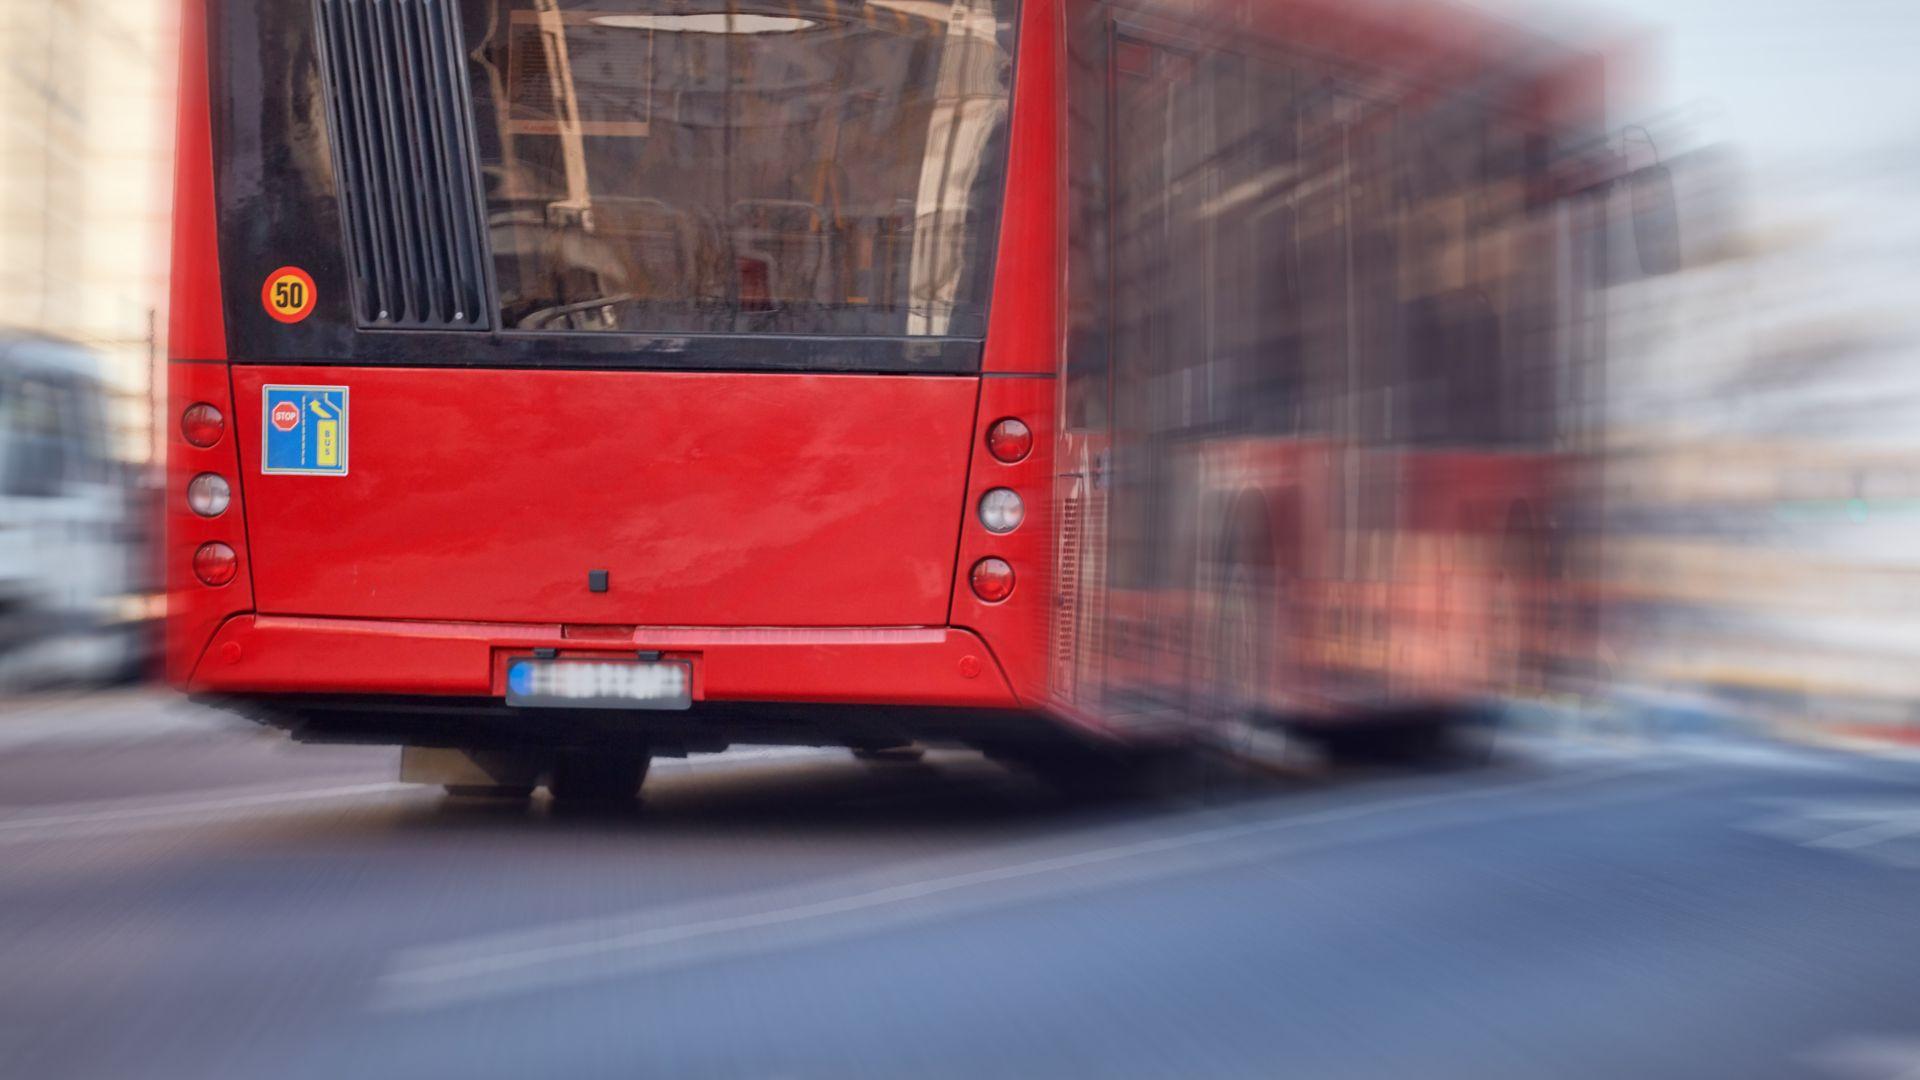 Според Любомир Георгиев скоростта на автобусите трябва да се увеличи до поне 30-40 км/ч (сега е 21 км/ч), което би довело съкращаването на времето за придвижване наполовина.